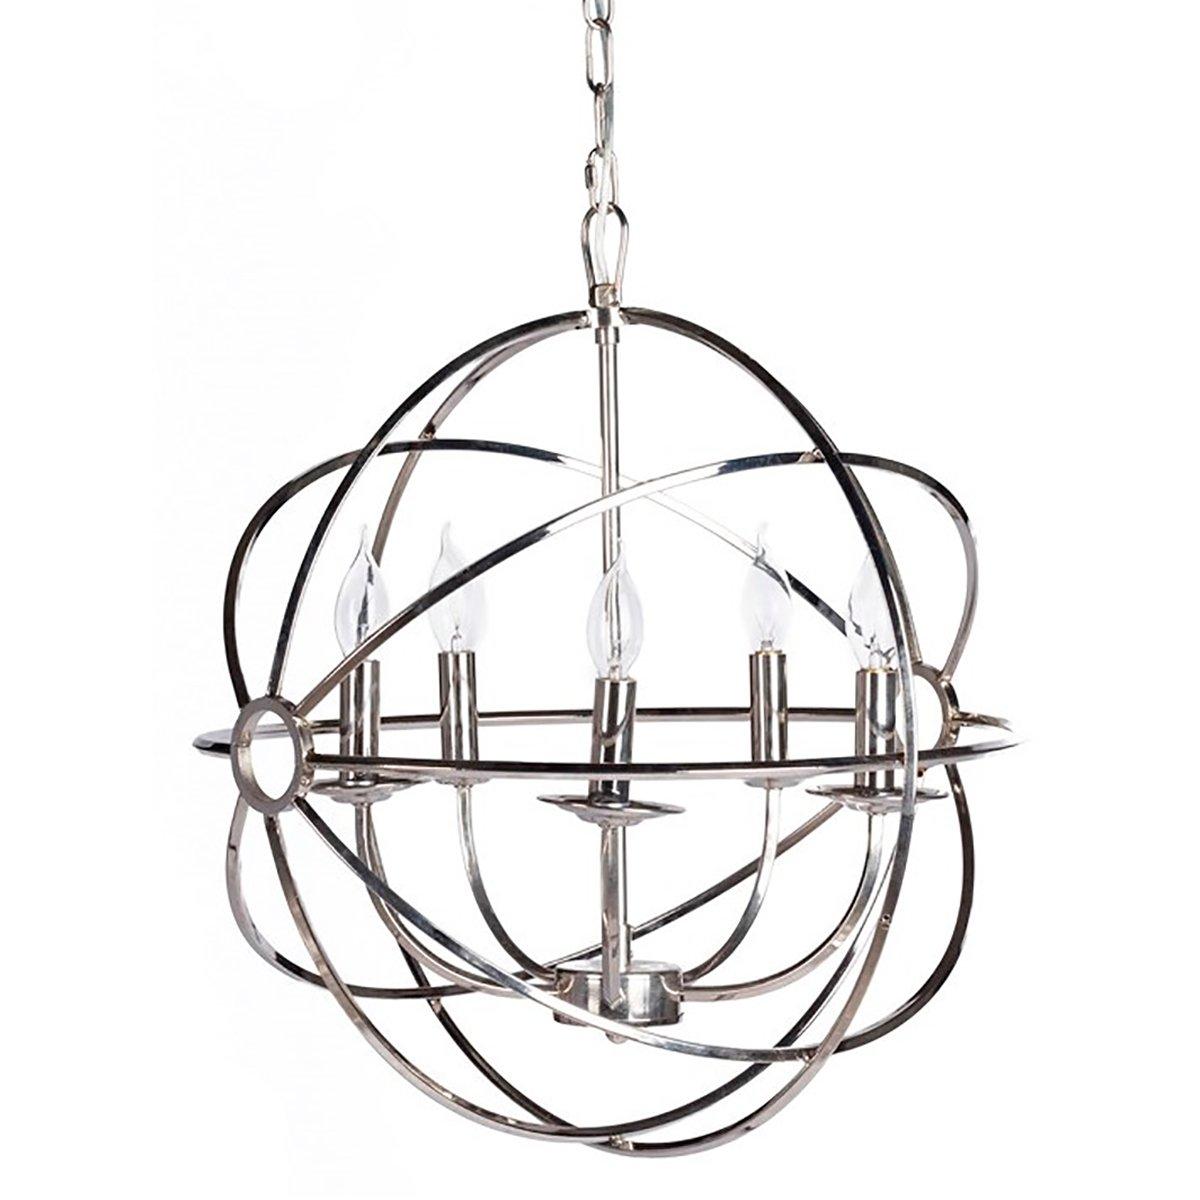 Купить Люстра Foucault's Orb в интернет магазине дизайнерской мебели и аксессуаров для дома и дачи